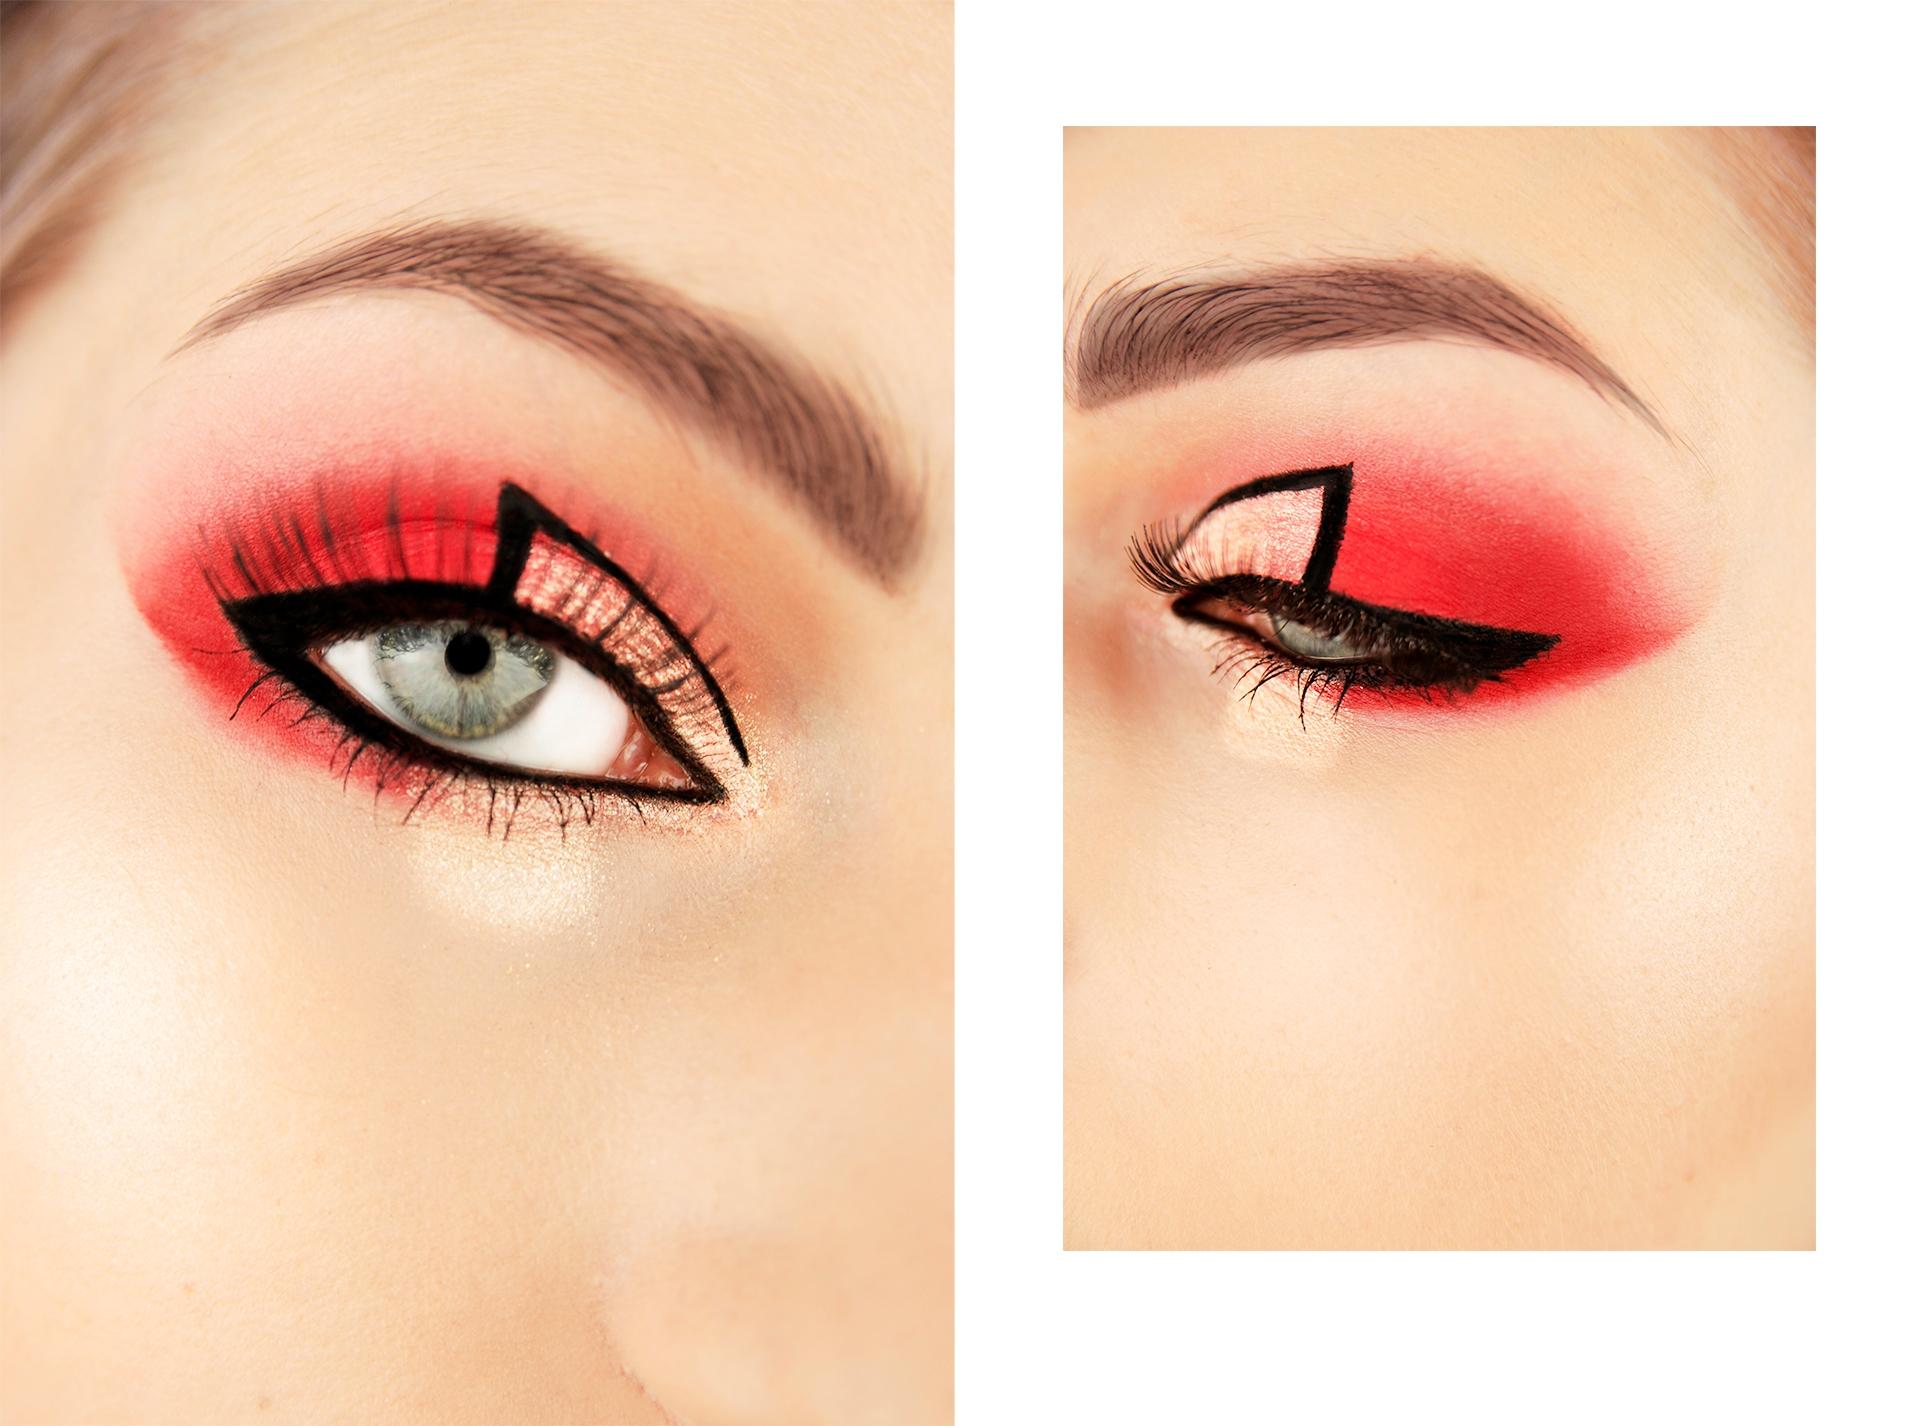 Obraz przedstawia dwa zdjęcia, na których widzimy oko w złoto-czerwonym makijażu.